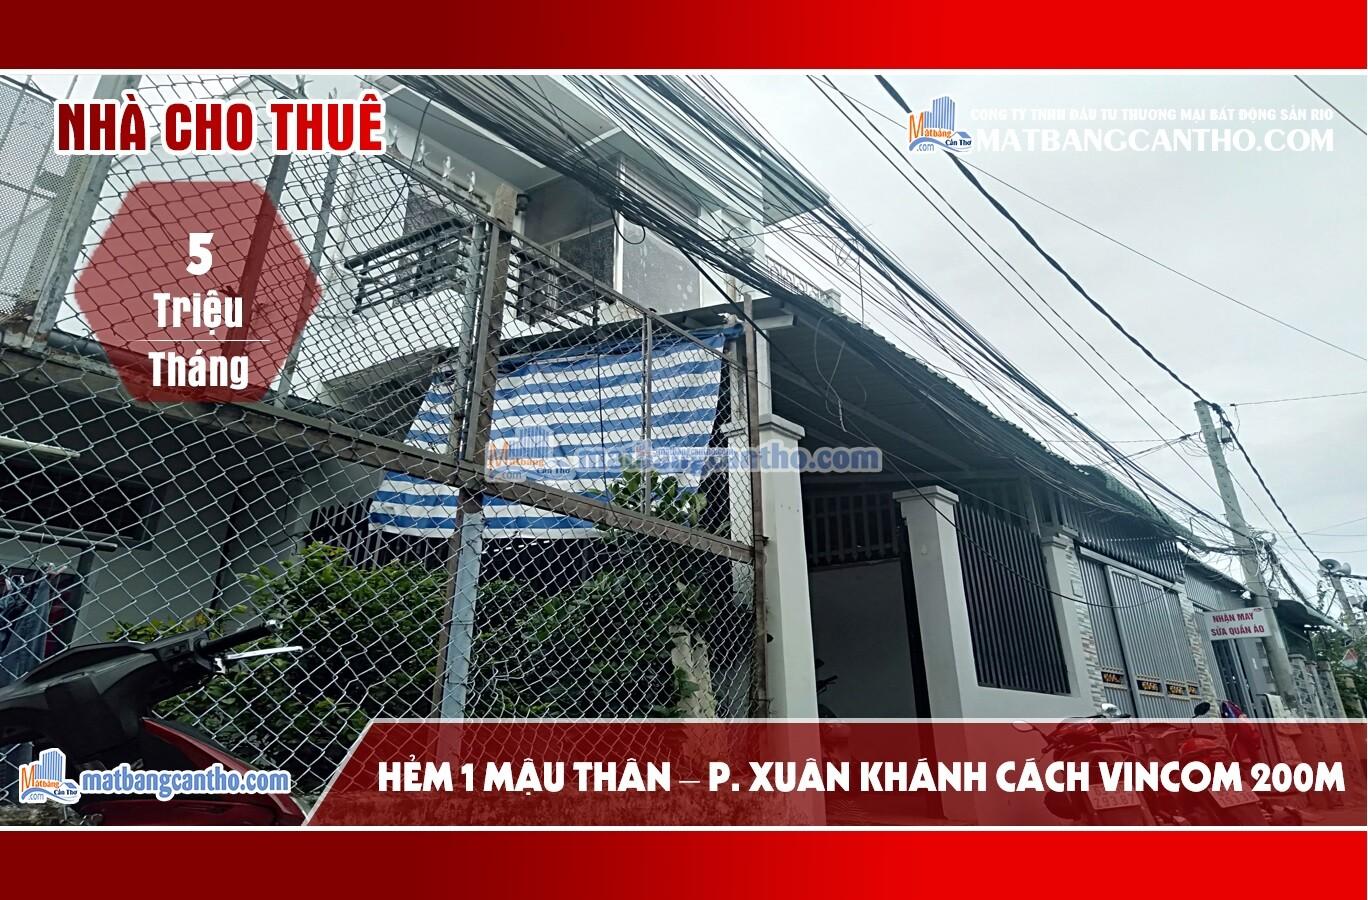 Nhà cho thuê nhà riêng nguyên căn hẻm Mậu Thân – Phường Xuân Khánh 5 triệu/ tháng